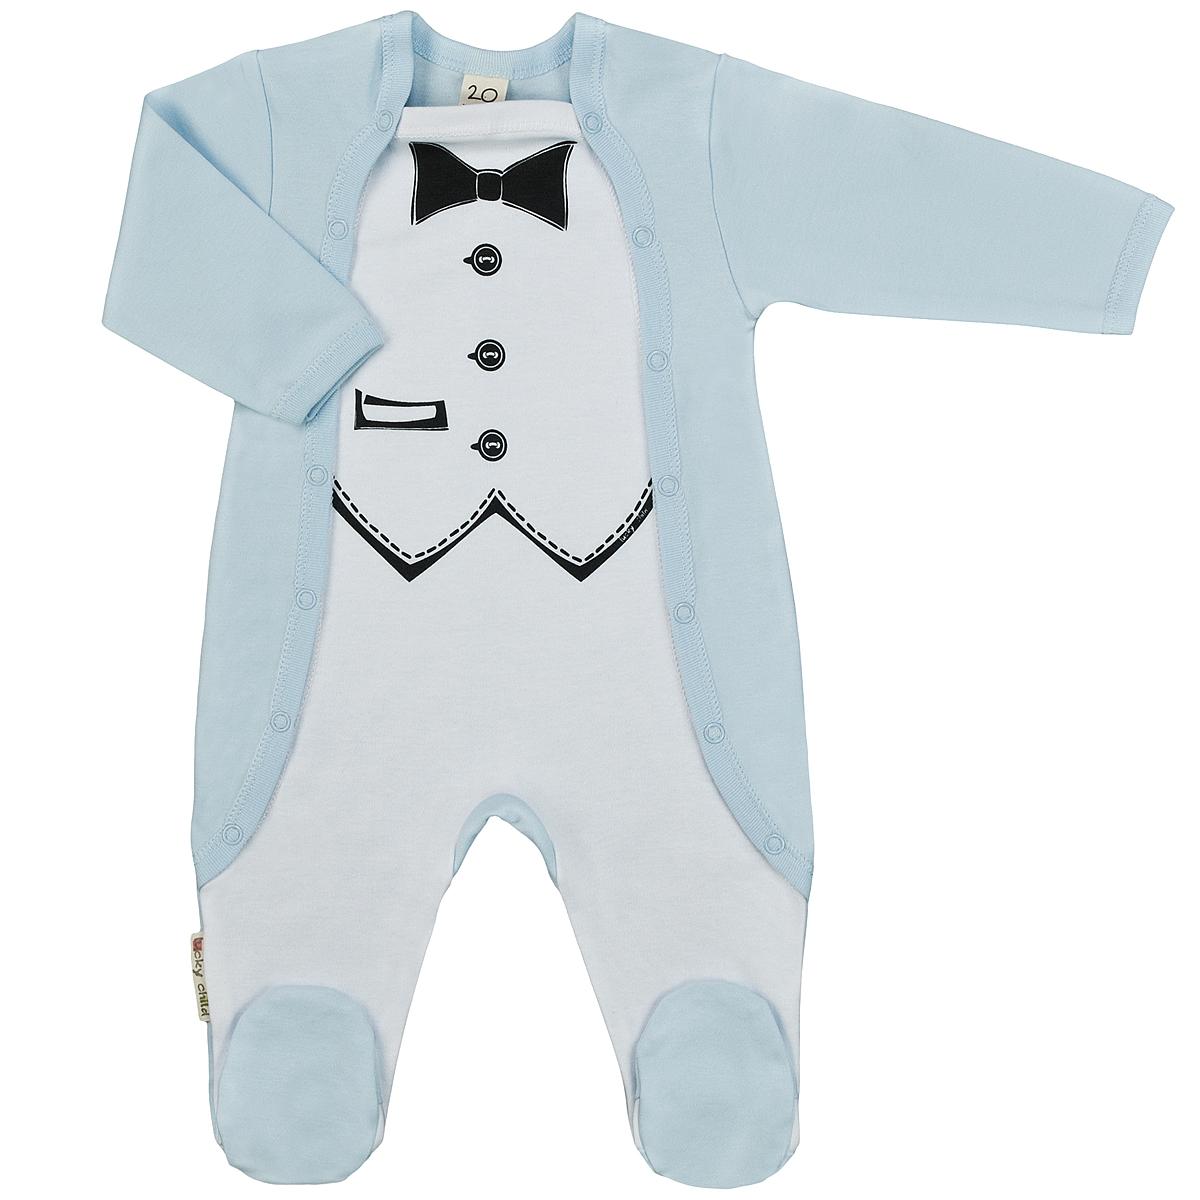 Комбинезон для мальчика. 3-223-22Детский комбинезон для мальчика Lucky Child - очень удобный и практичный вид одежды для малышей. Комбинезон выполнен из интерлока - натурального хлопка, благодаря чему он необычайно мягкий и приятный на ощупь, не раздражают нежную кожу ребенка и хорошо вентилируются, а эластичные швы приятны телу малыша и не препятствуют его движениям. Комбинезон с длинными рукавами и закрытыми ножками имеет застежки-кнопки по бокам от горловины до щиколоток, которые помогают легко переодеть младенца или сменить подгузник. Спереди он оформлен оригинальным принтом, имитирующим фрак с бабочкой. С детским комбинезоном Lucky Child спинка и ножки вашего малыша всегда будут в тепле, он идеален для использования днем и незаменим ночью. Комбинезон полностью соответствует особенностям жизни младенца в ранний период, не стесняя и не ограничивая его в движениях!